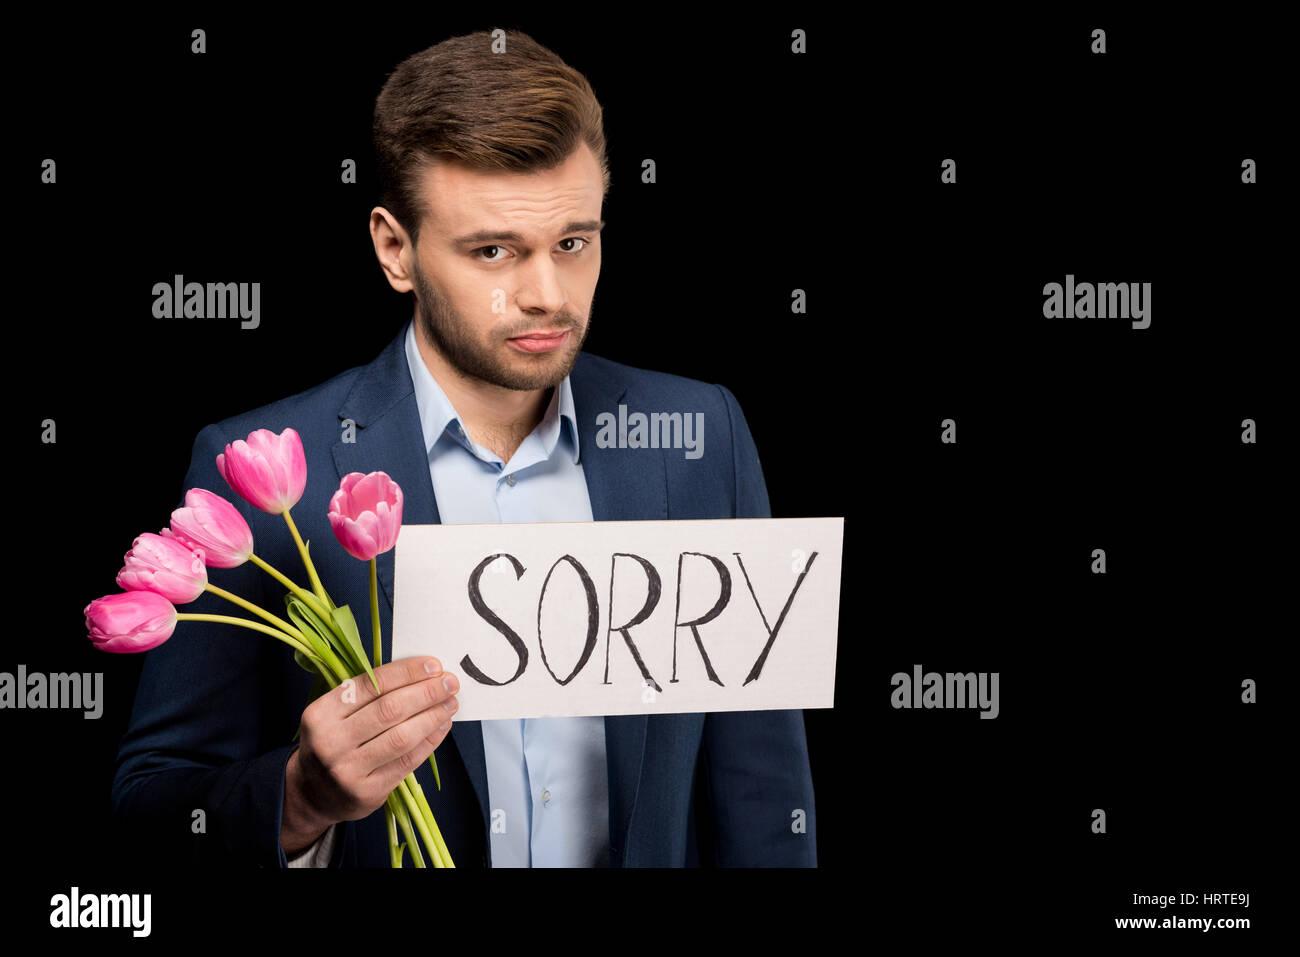 Beschämt, junger Mann mit Tulpen und sorry zu unterzeichnen, Blick in die Kamera Stockbild